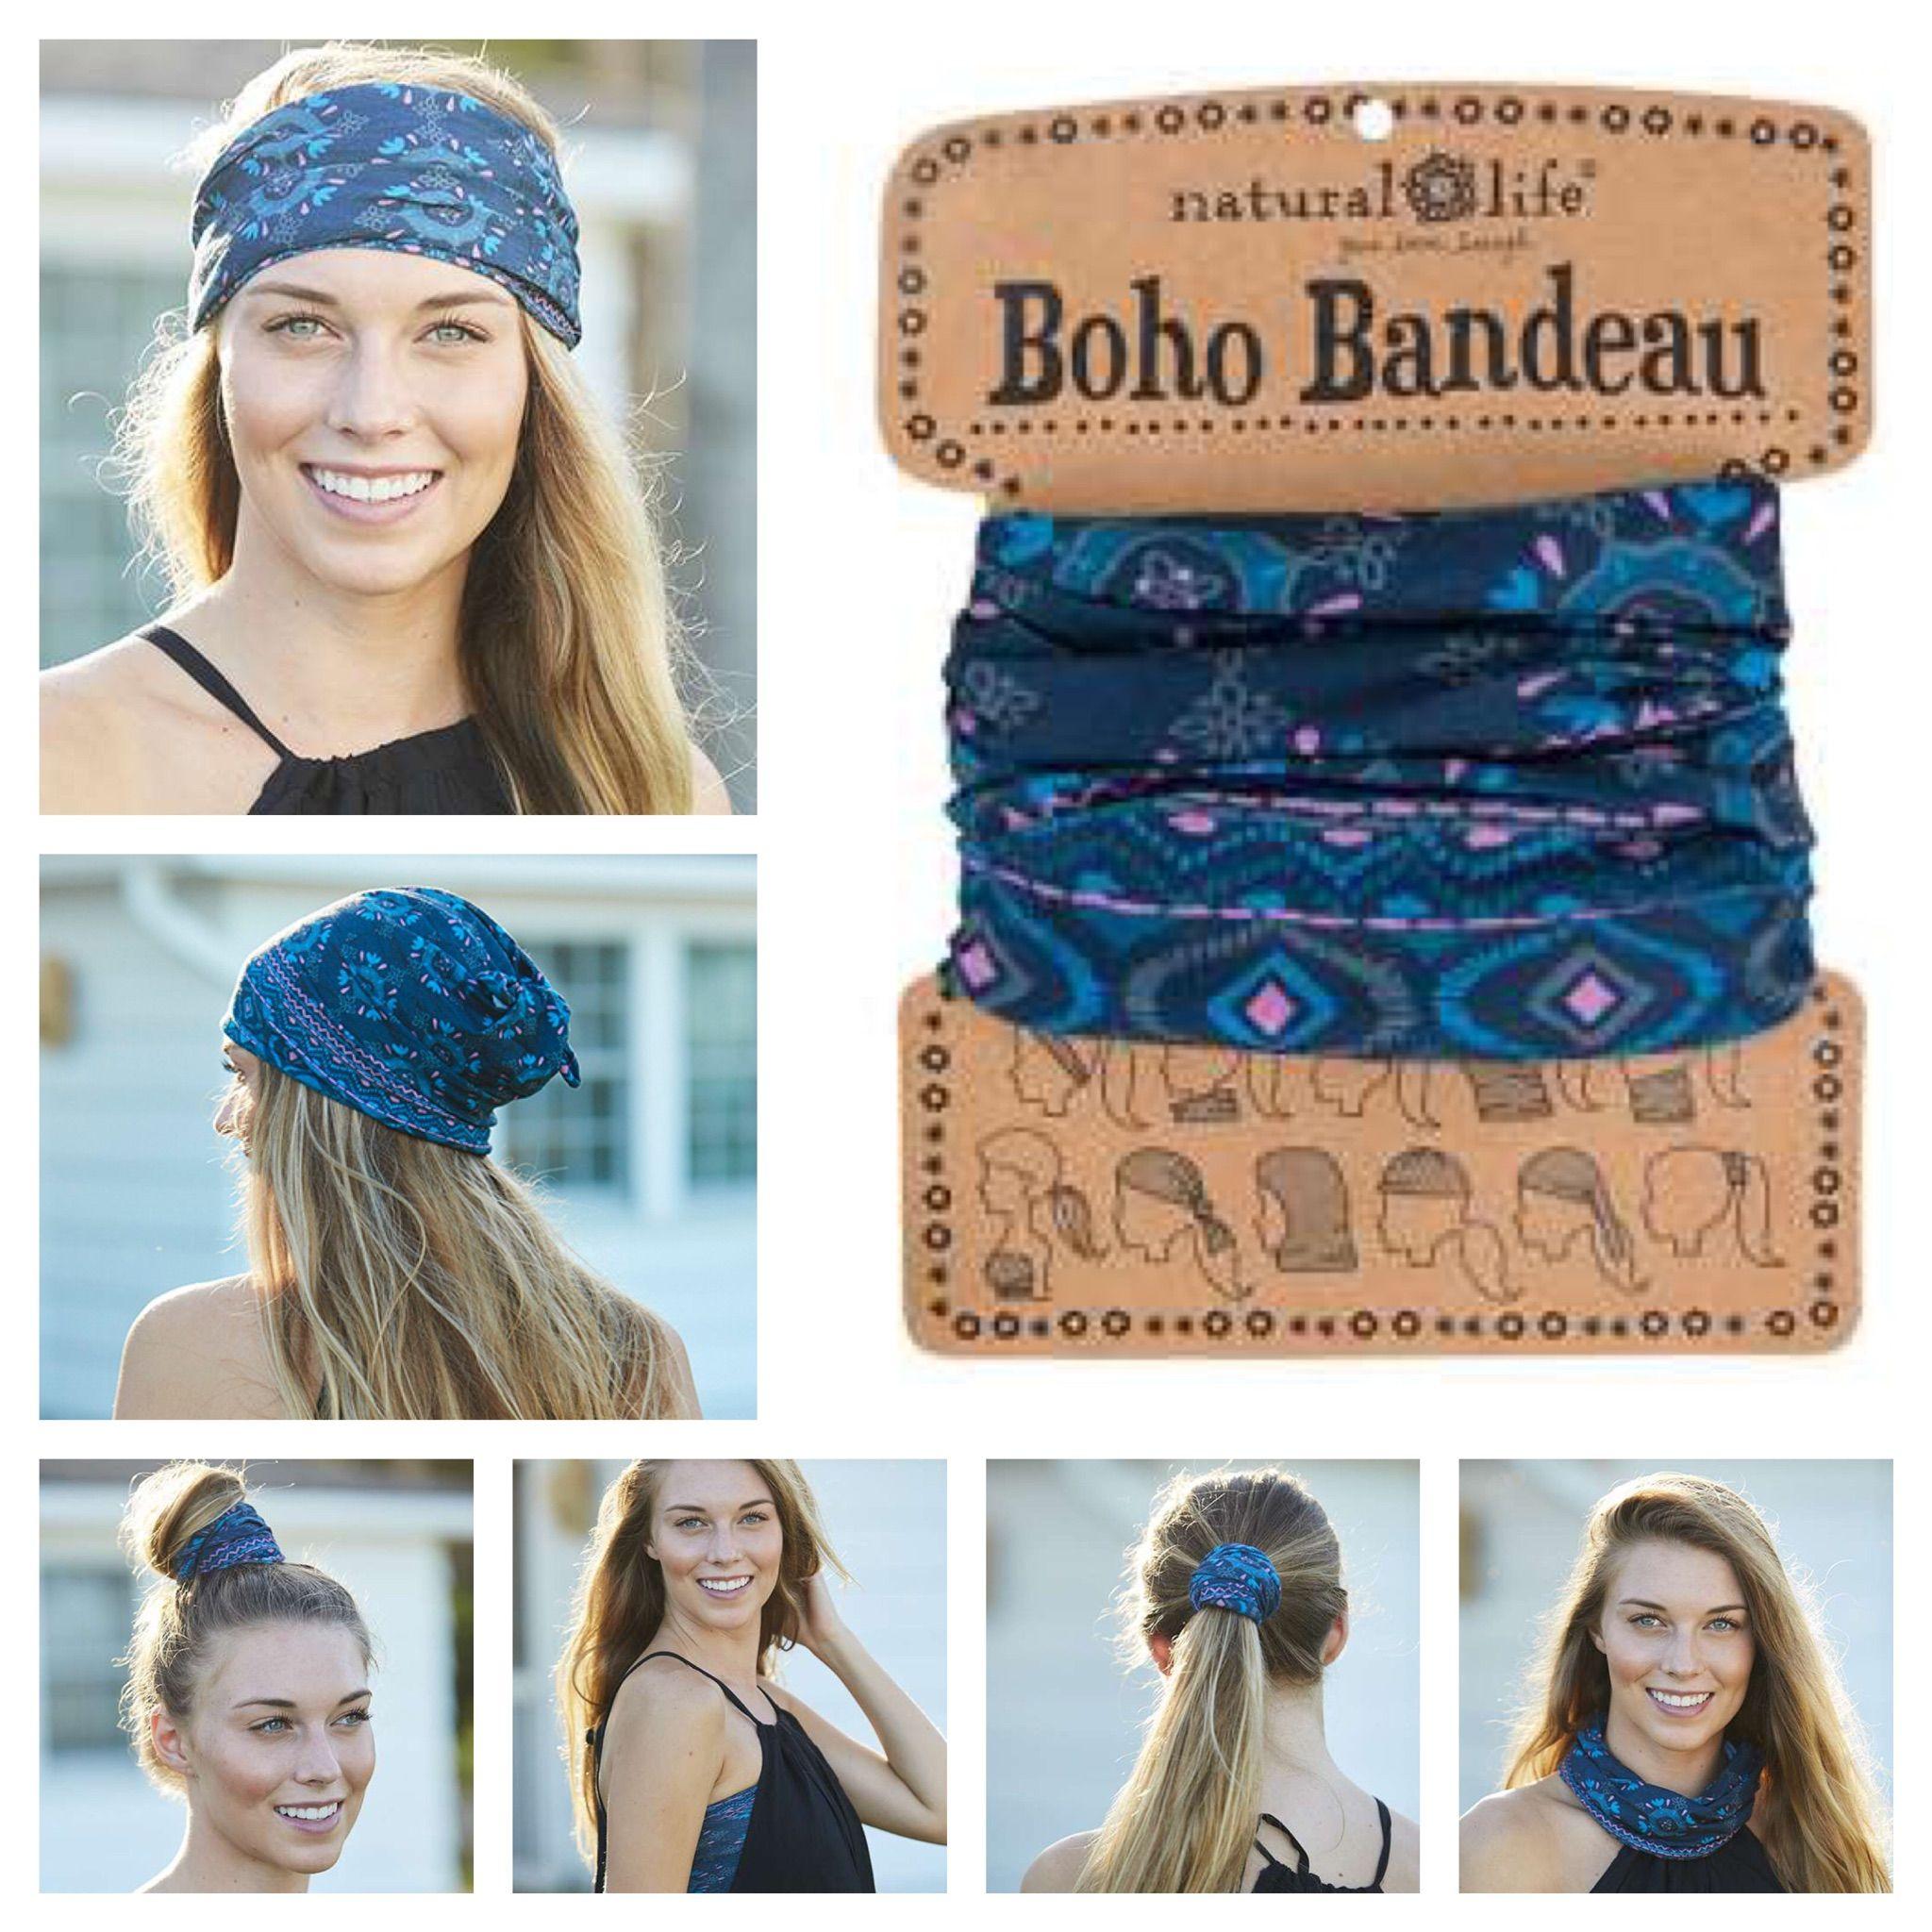 Boho Bandeau Haarband Blue ❤ Wrap it   Wear it Nieuwe prints en kleuren Boho  Bandeau s in de webshop 72199379059